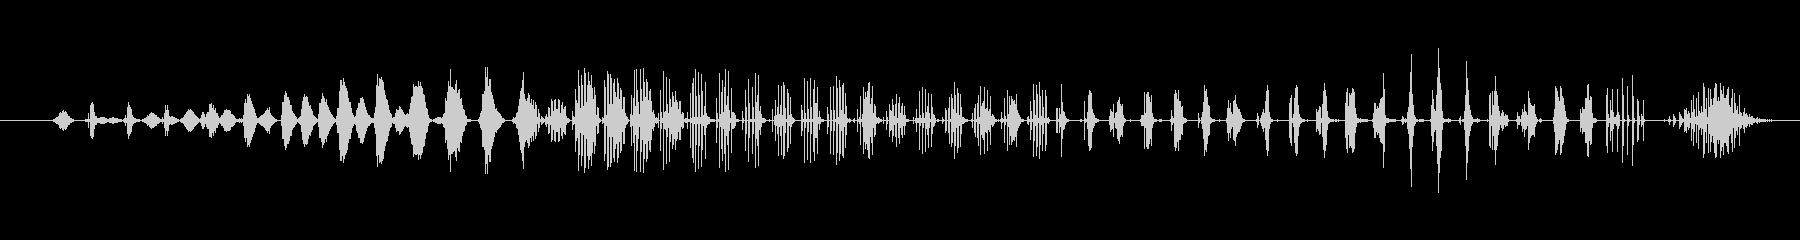 特撮 グリッチ伝送02の未再生の波形